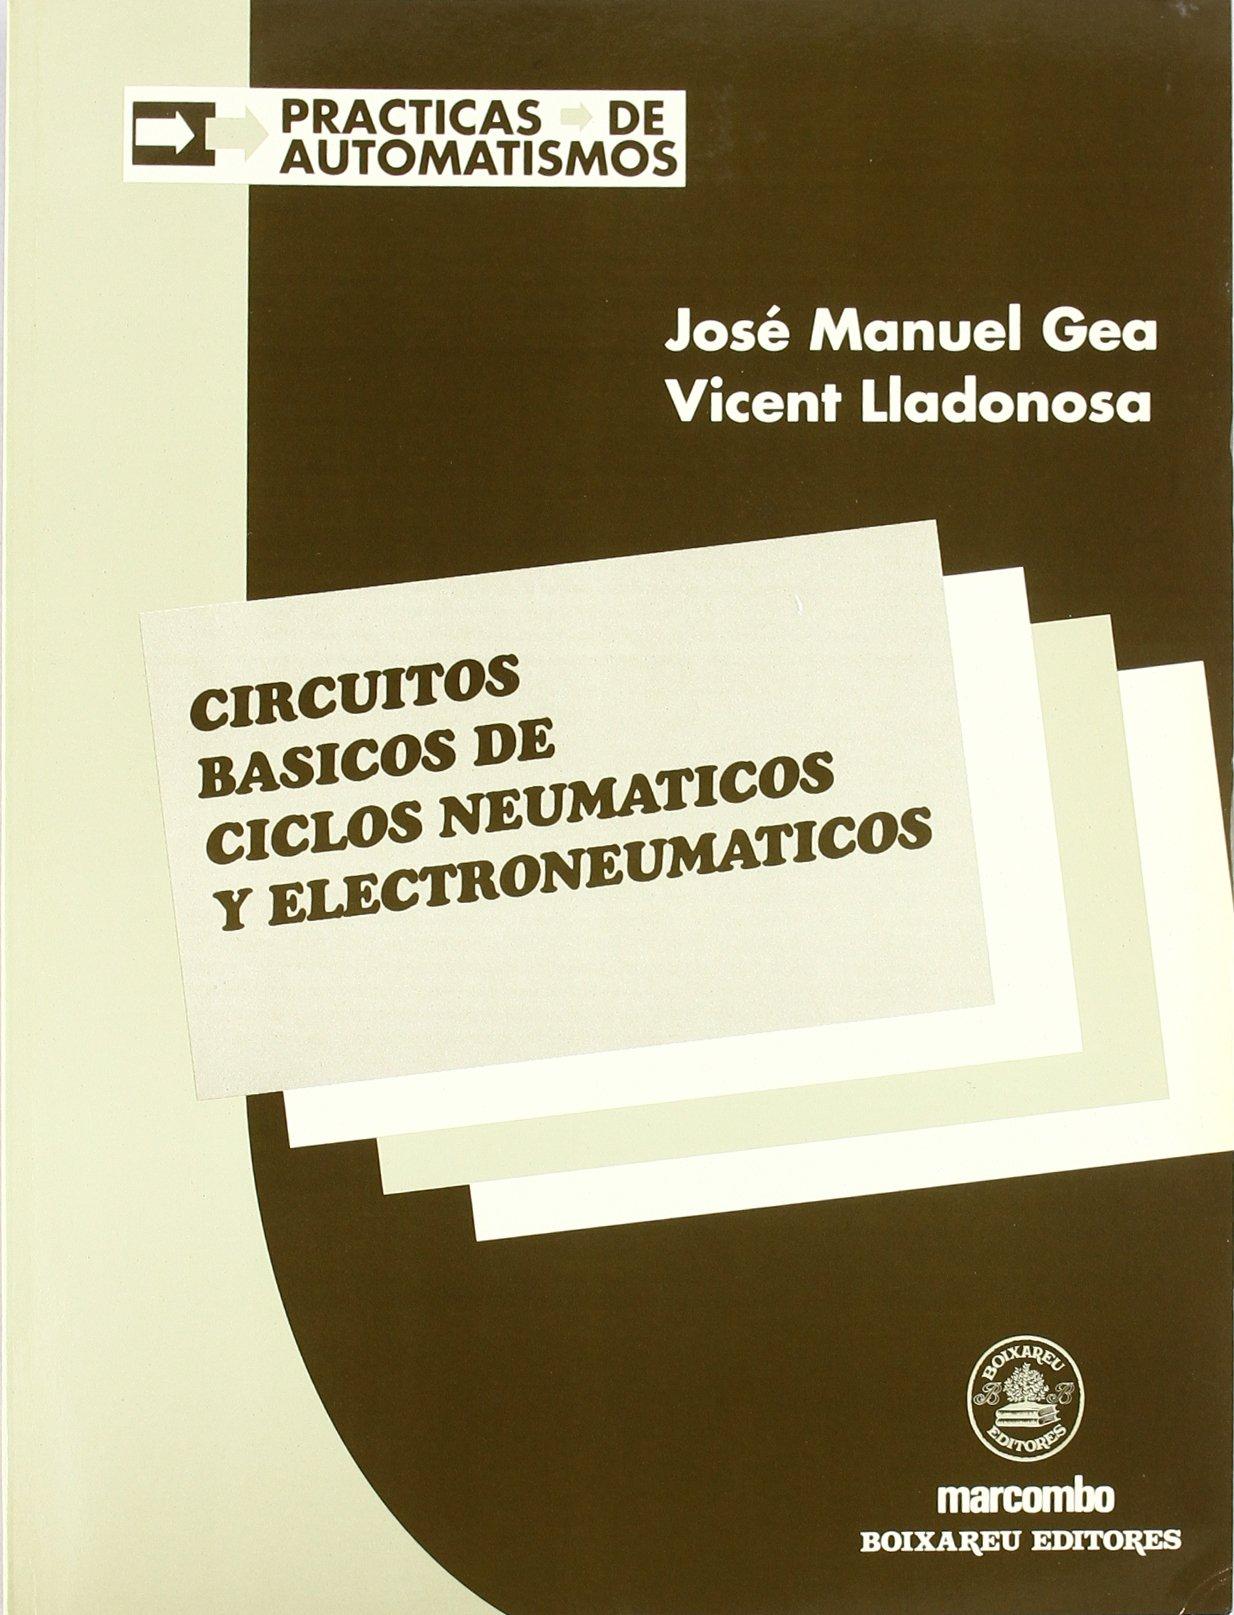 Circuito Neumatico Basico : Circuitos básicos de ciclos neumáticos y electroneumaticos acceso